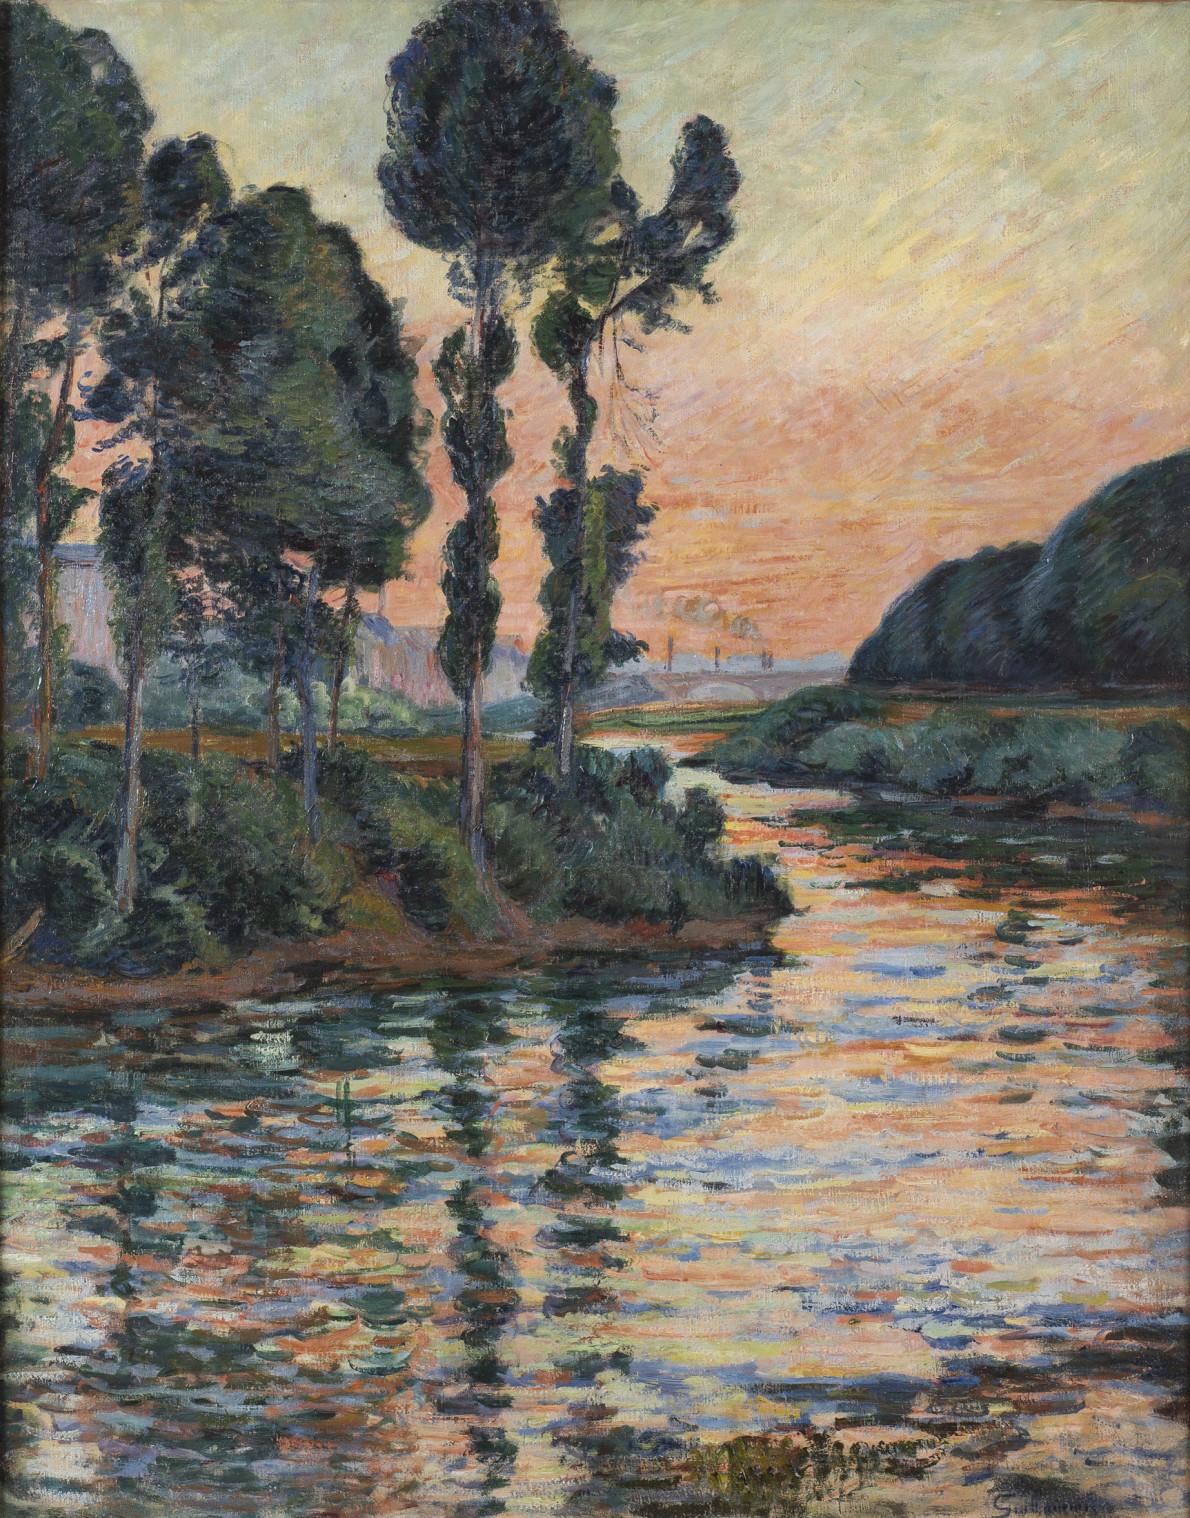 Jean Baptiste Armand Guillaumin, Coucher de Soleil à Charenton or La Seine a Charenton, 1885